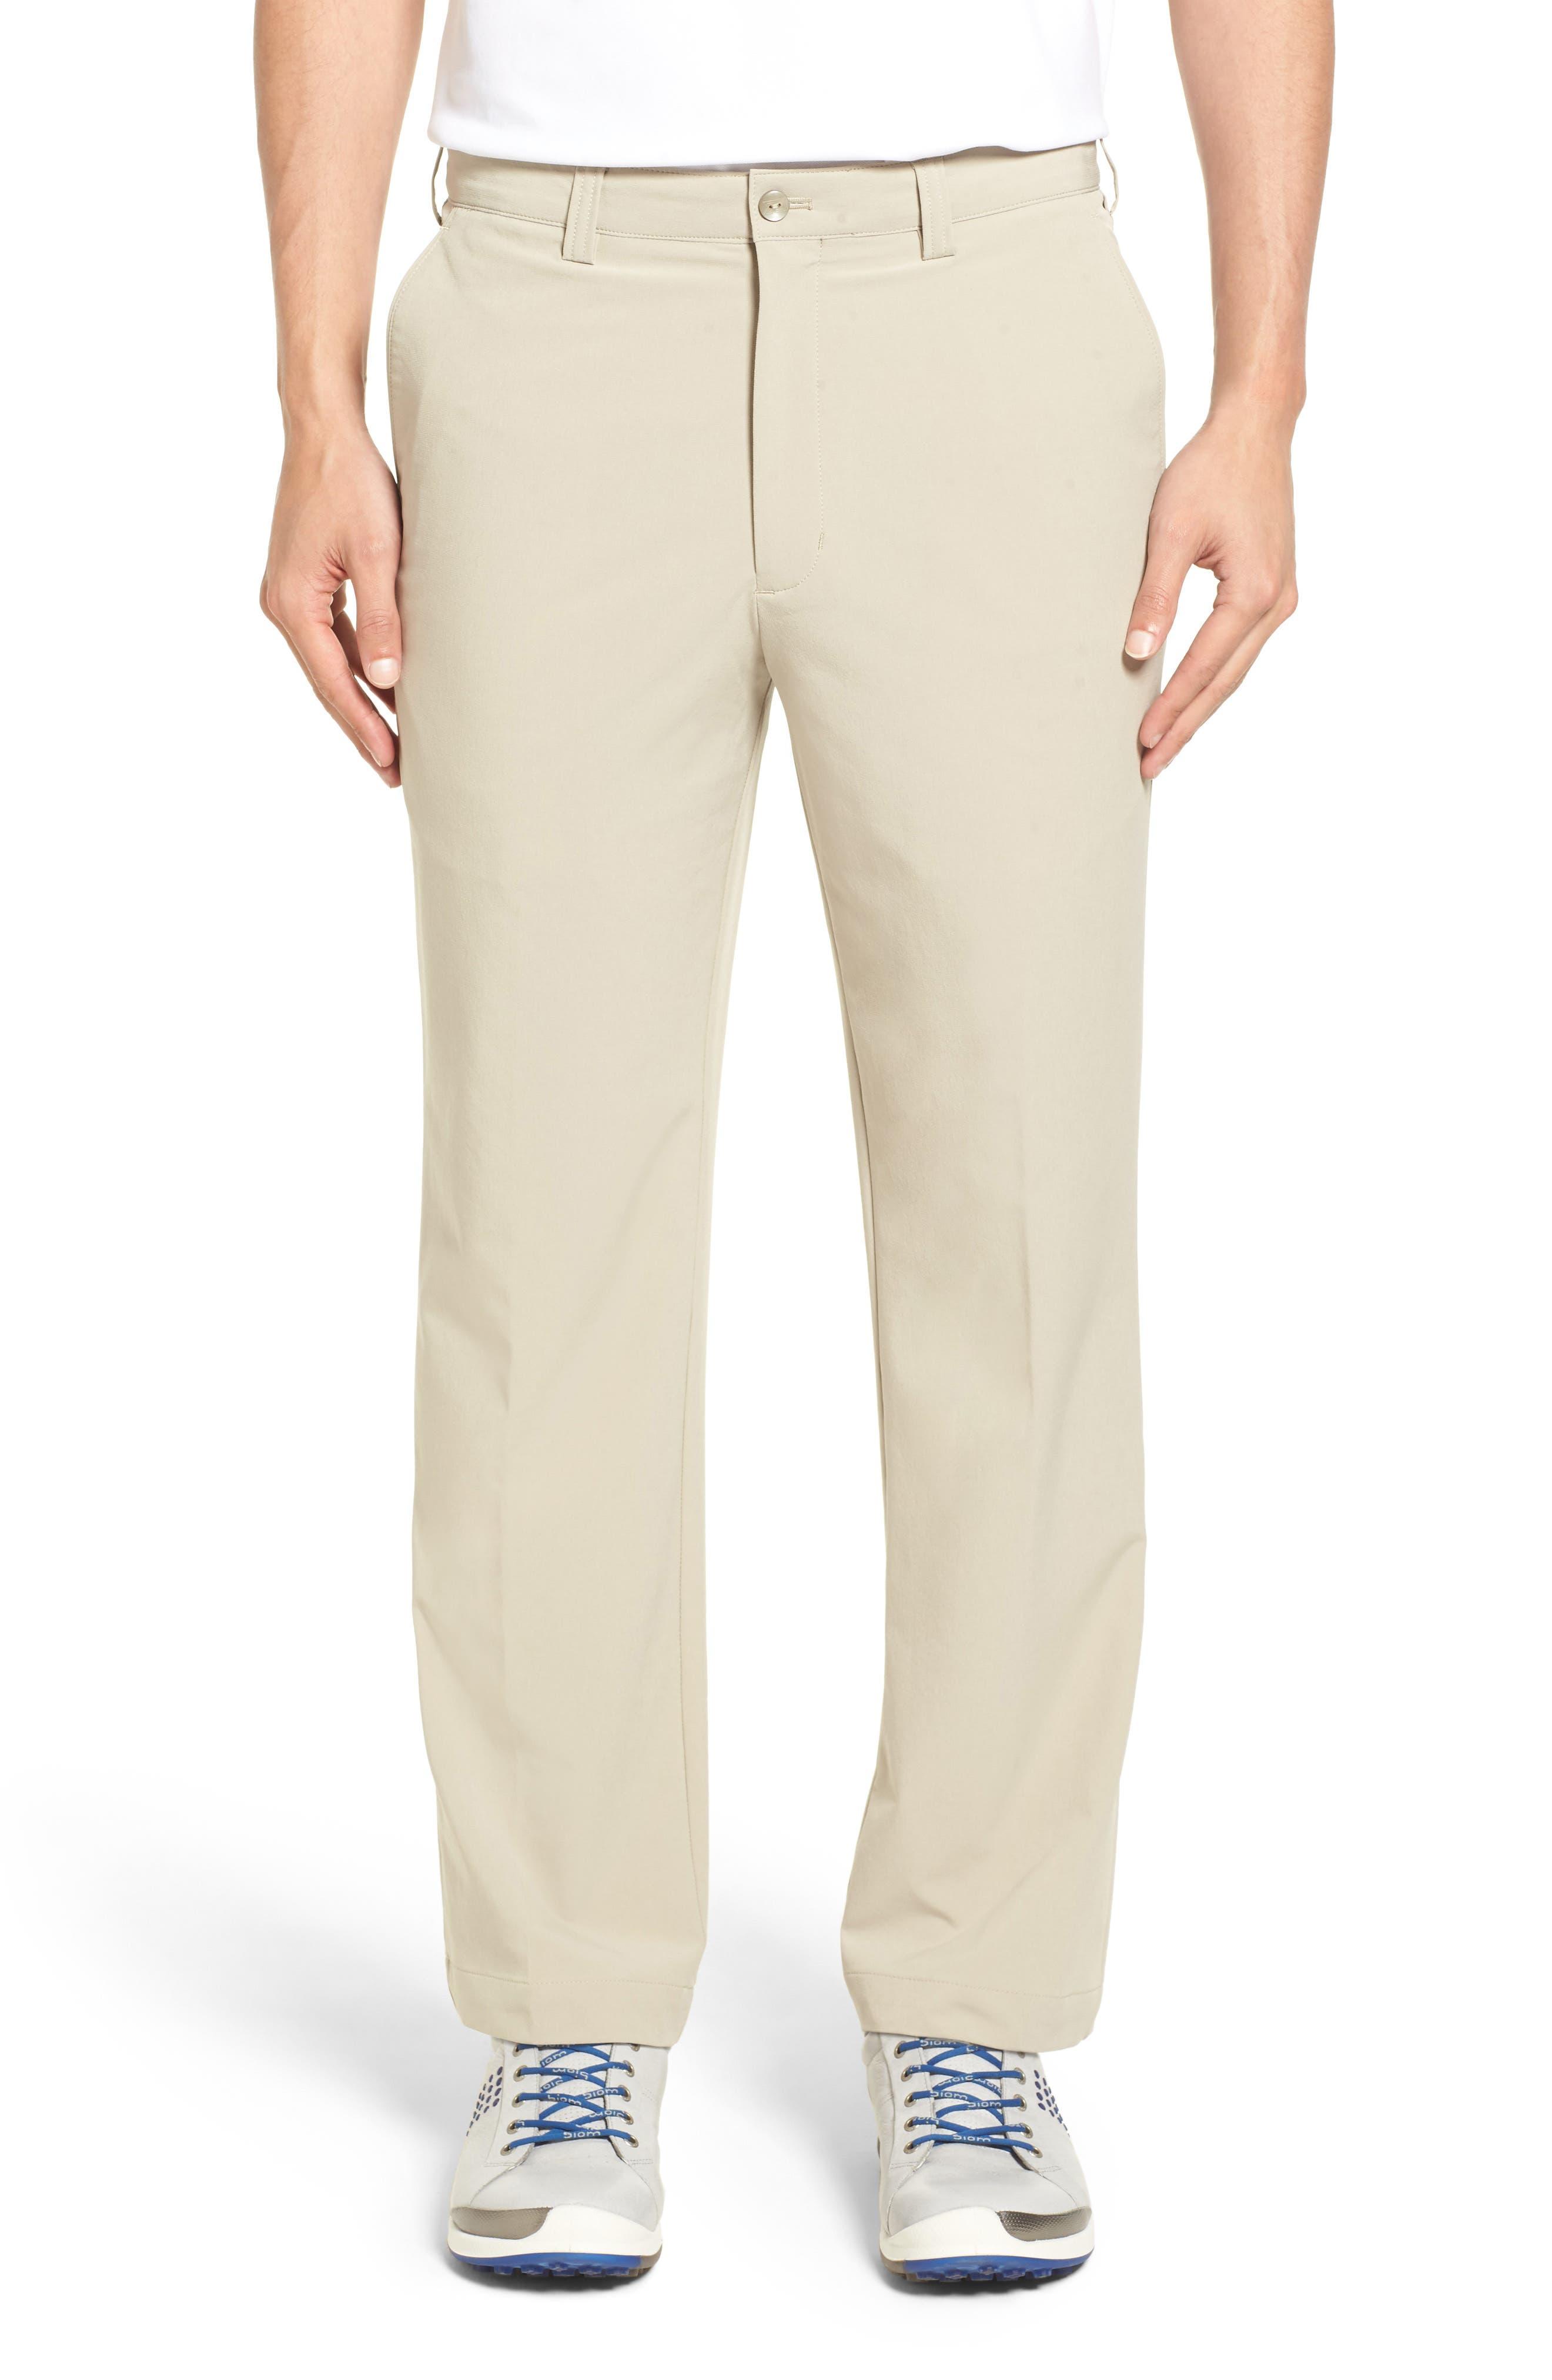 Cutter & Buck 'Bainbridge' DryTec Flat Front Pants